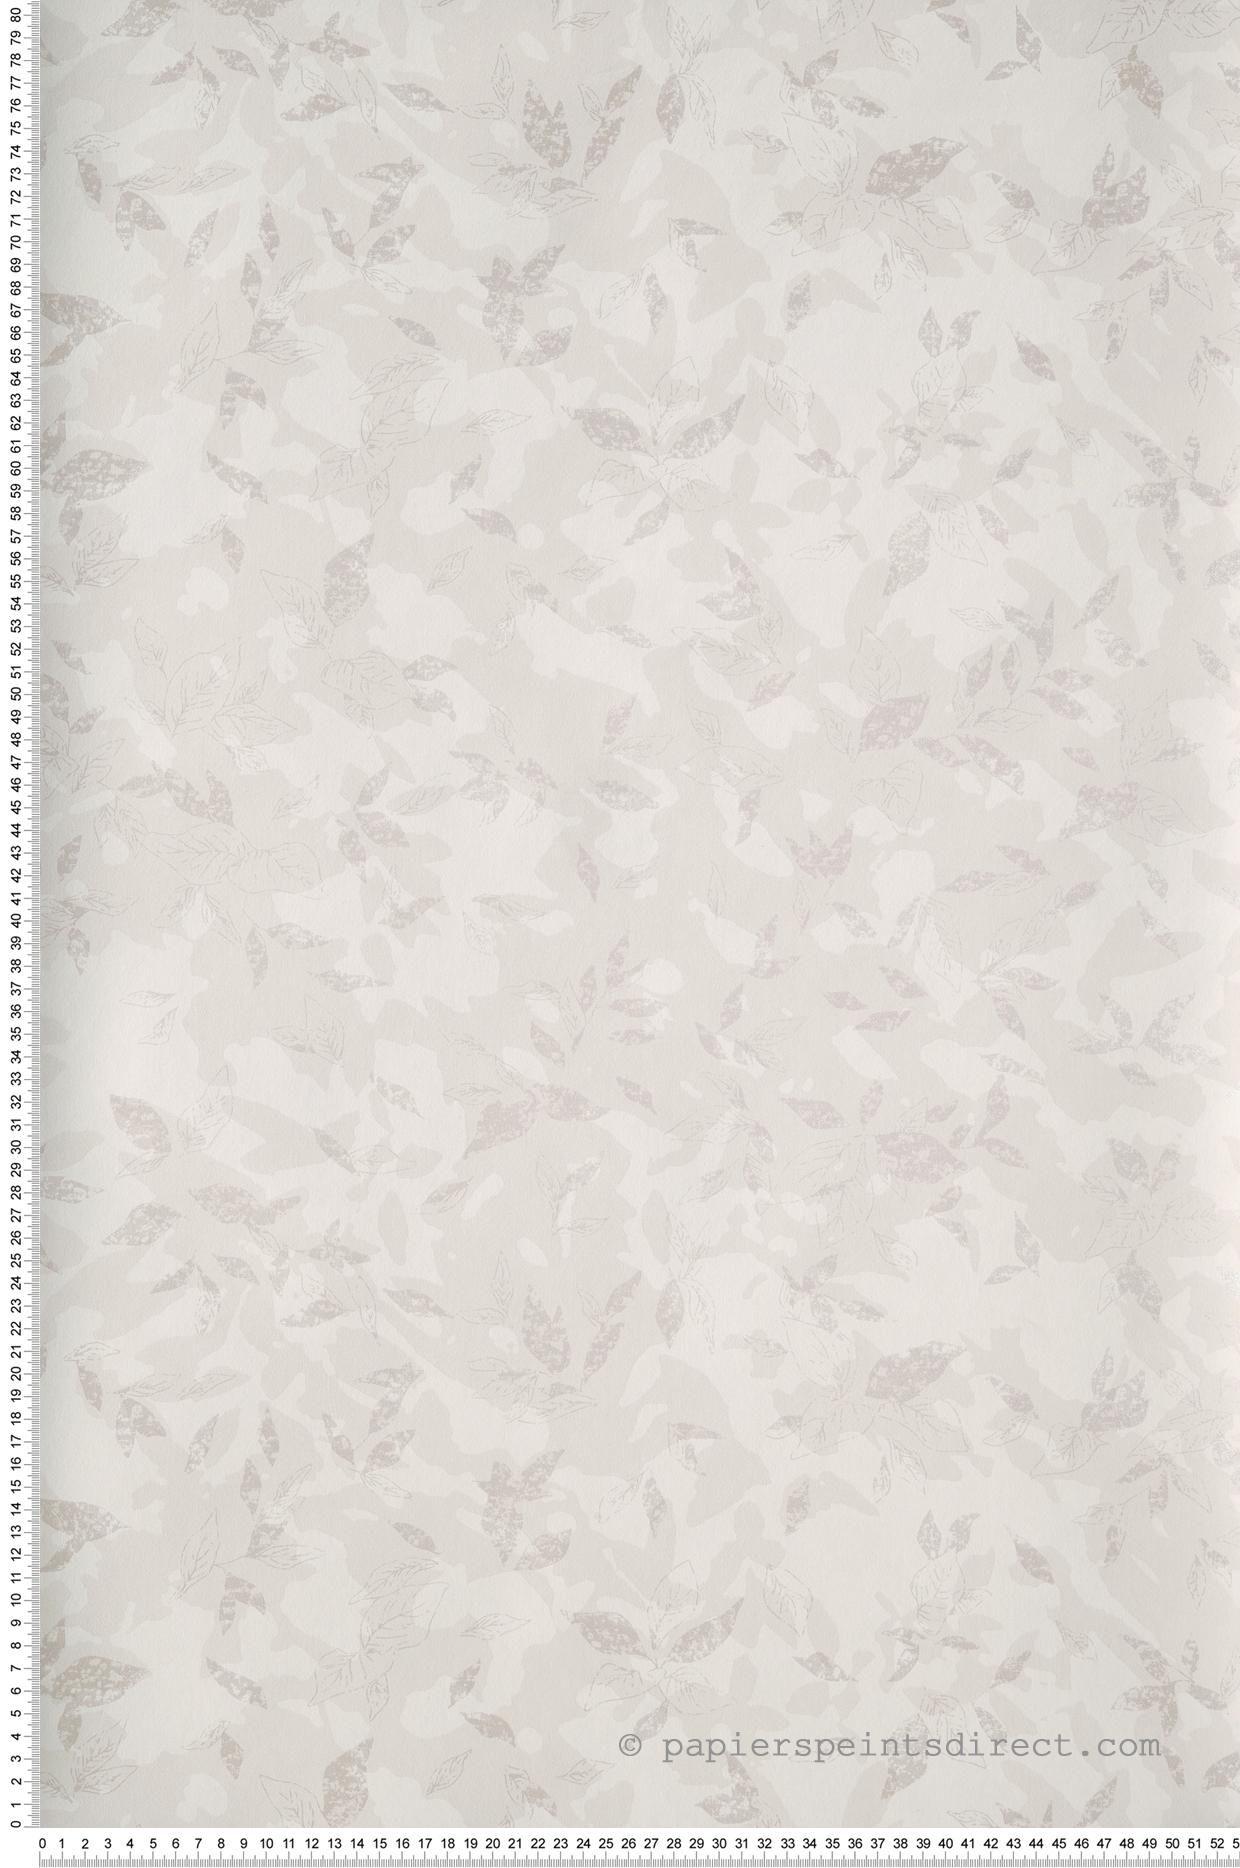 Papier Peint Feuillages Gadagne Blanc Casse Jardins Suspendus De Casadeco En 2020 Papier Peint Nature Jardins Suspendus Papier Peint